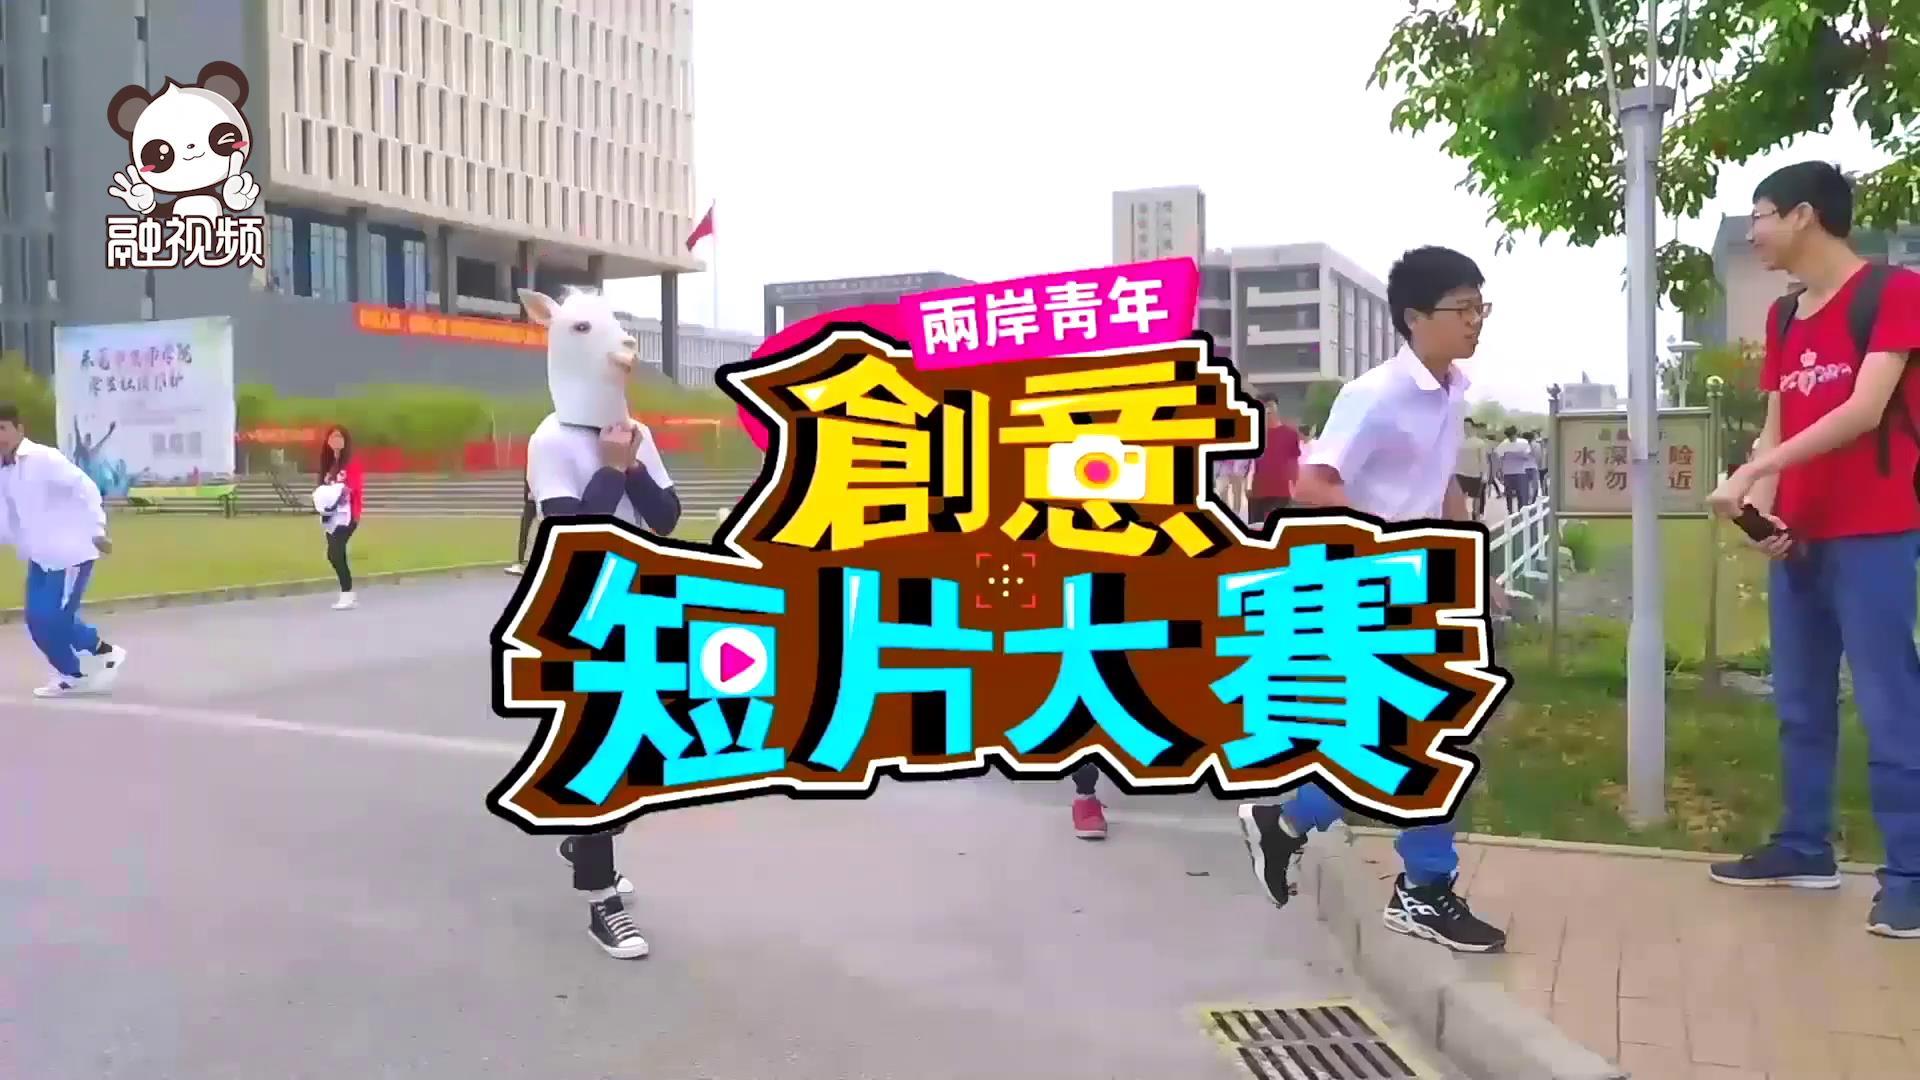 粤来粤有趣两岸青年创意短片大赛宣传片图片